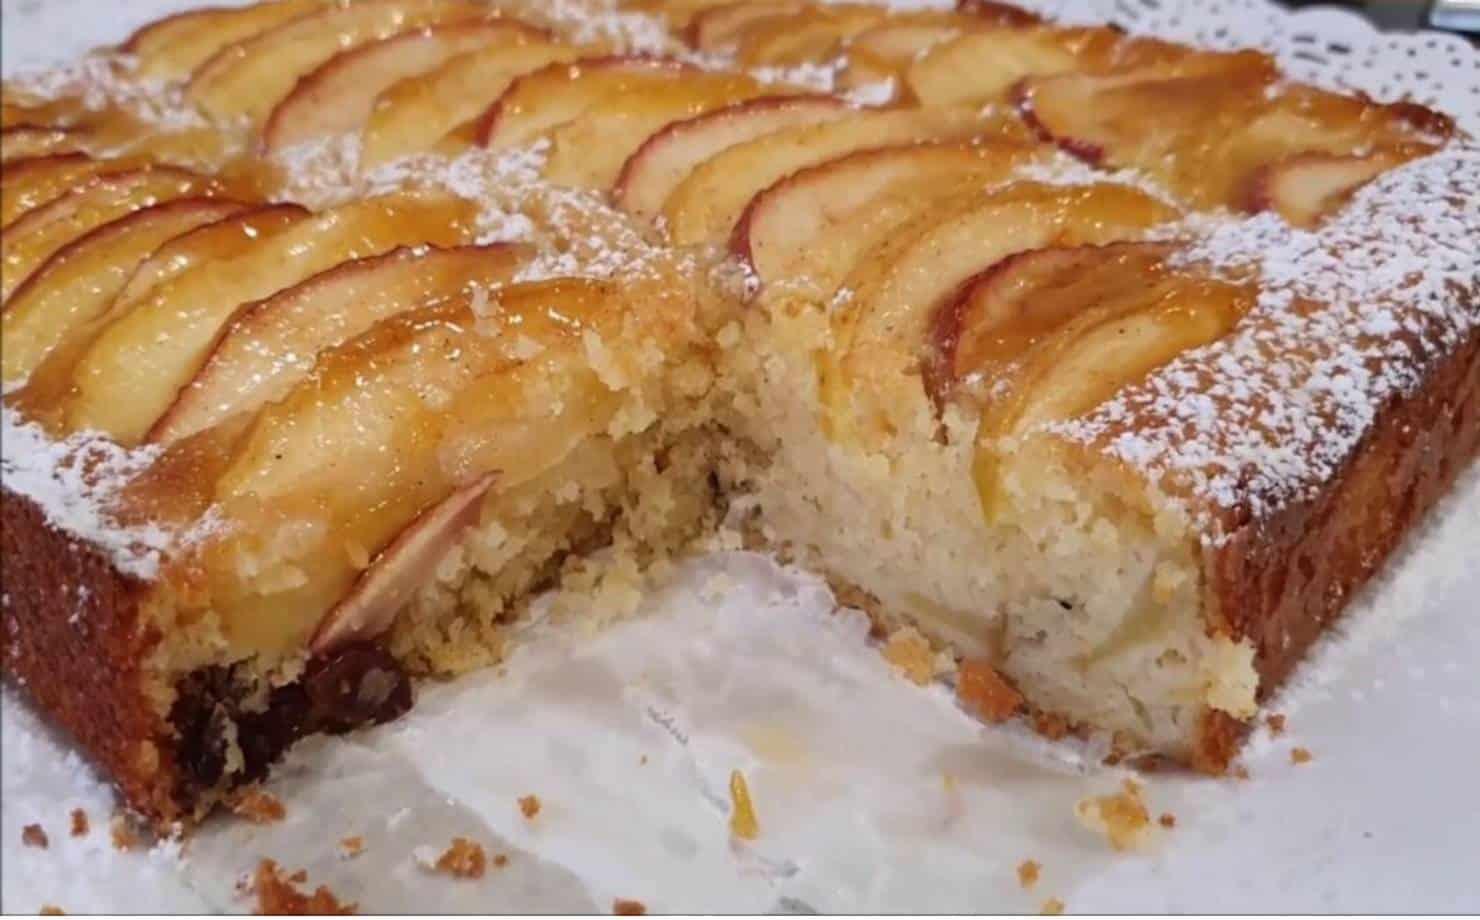 Aprenda a fazer um bolo fácil e delicioso de maçã com passas